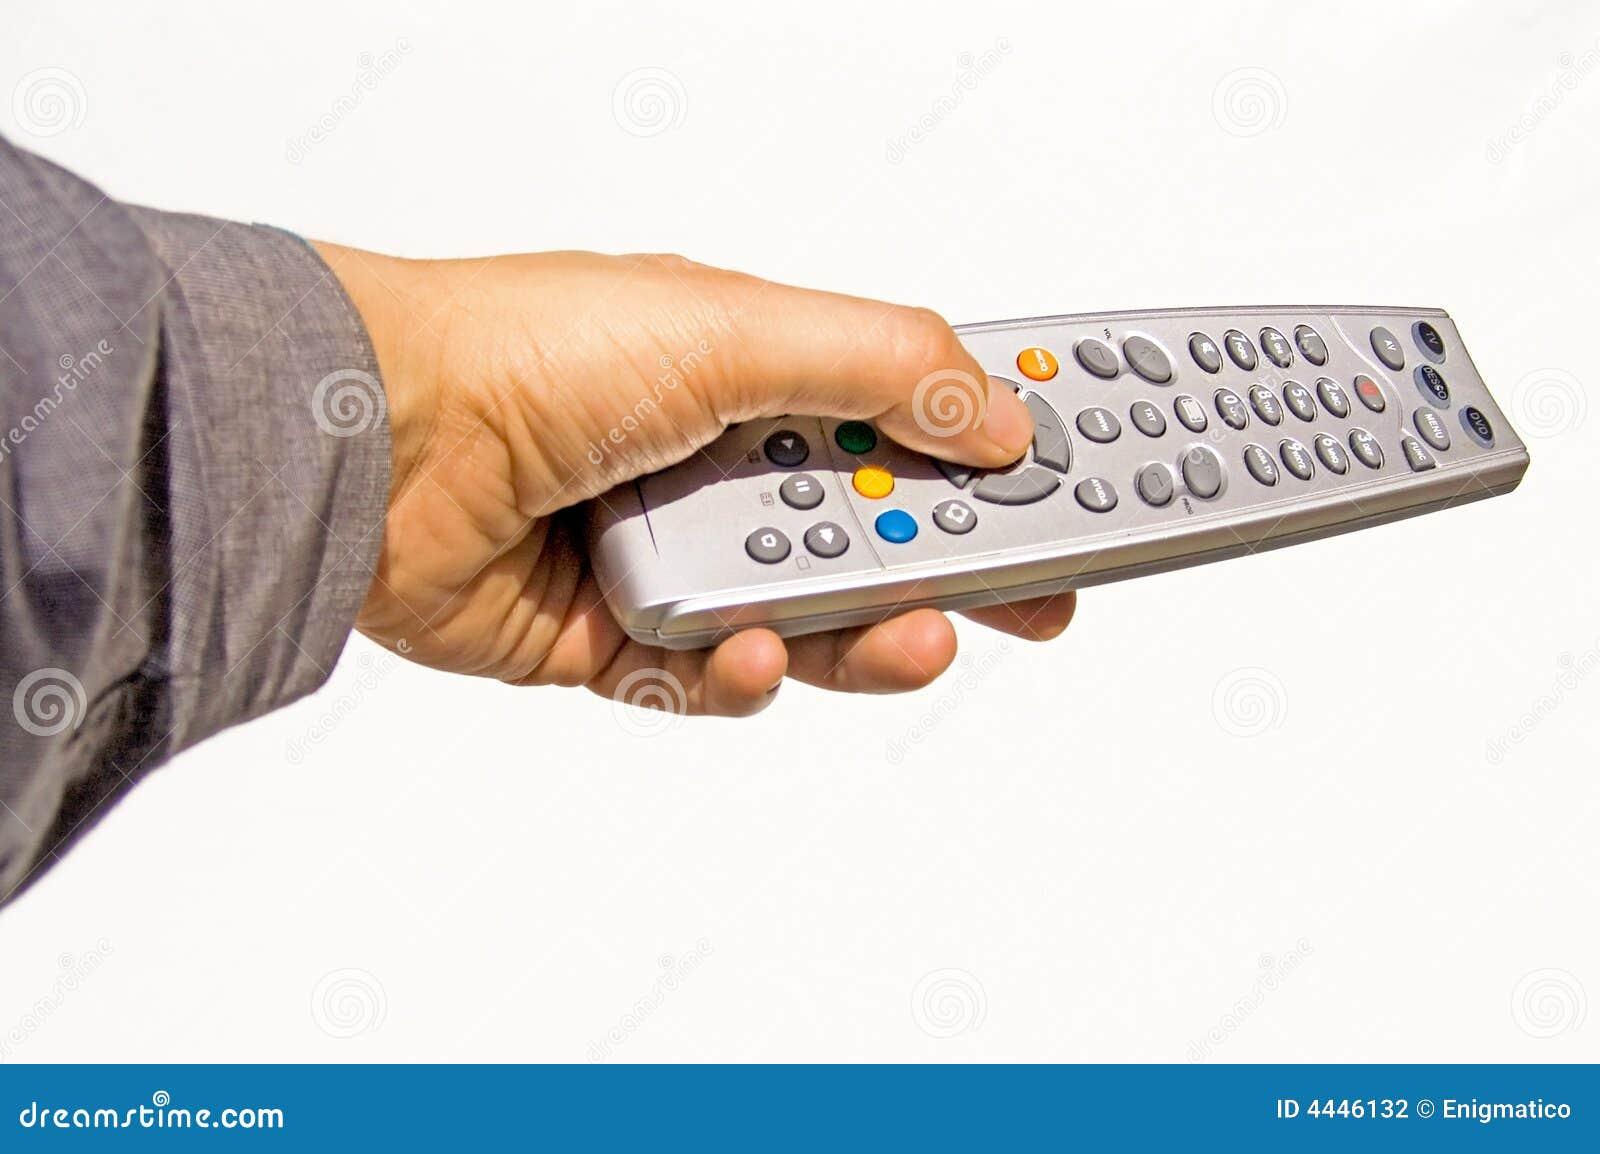 FernfernsehsteuerTechnologie